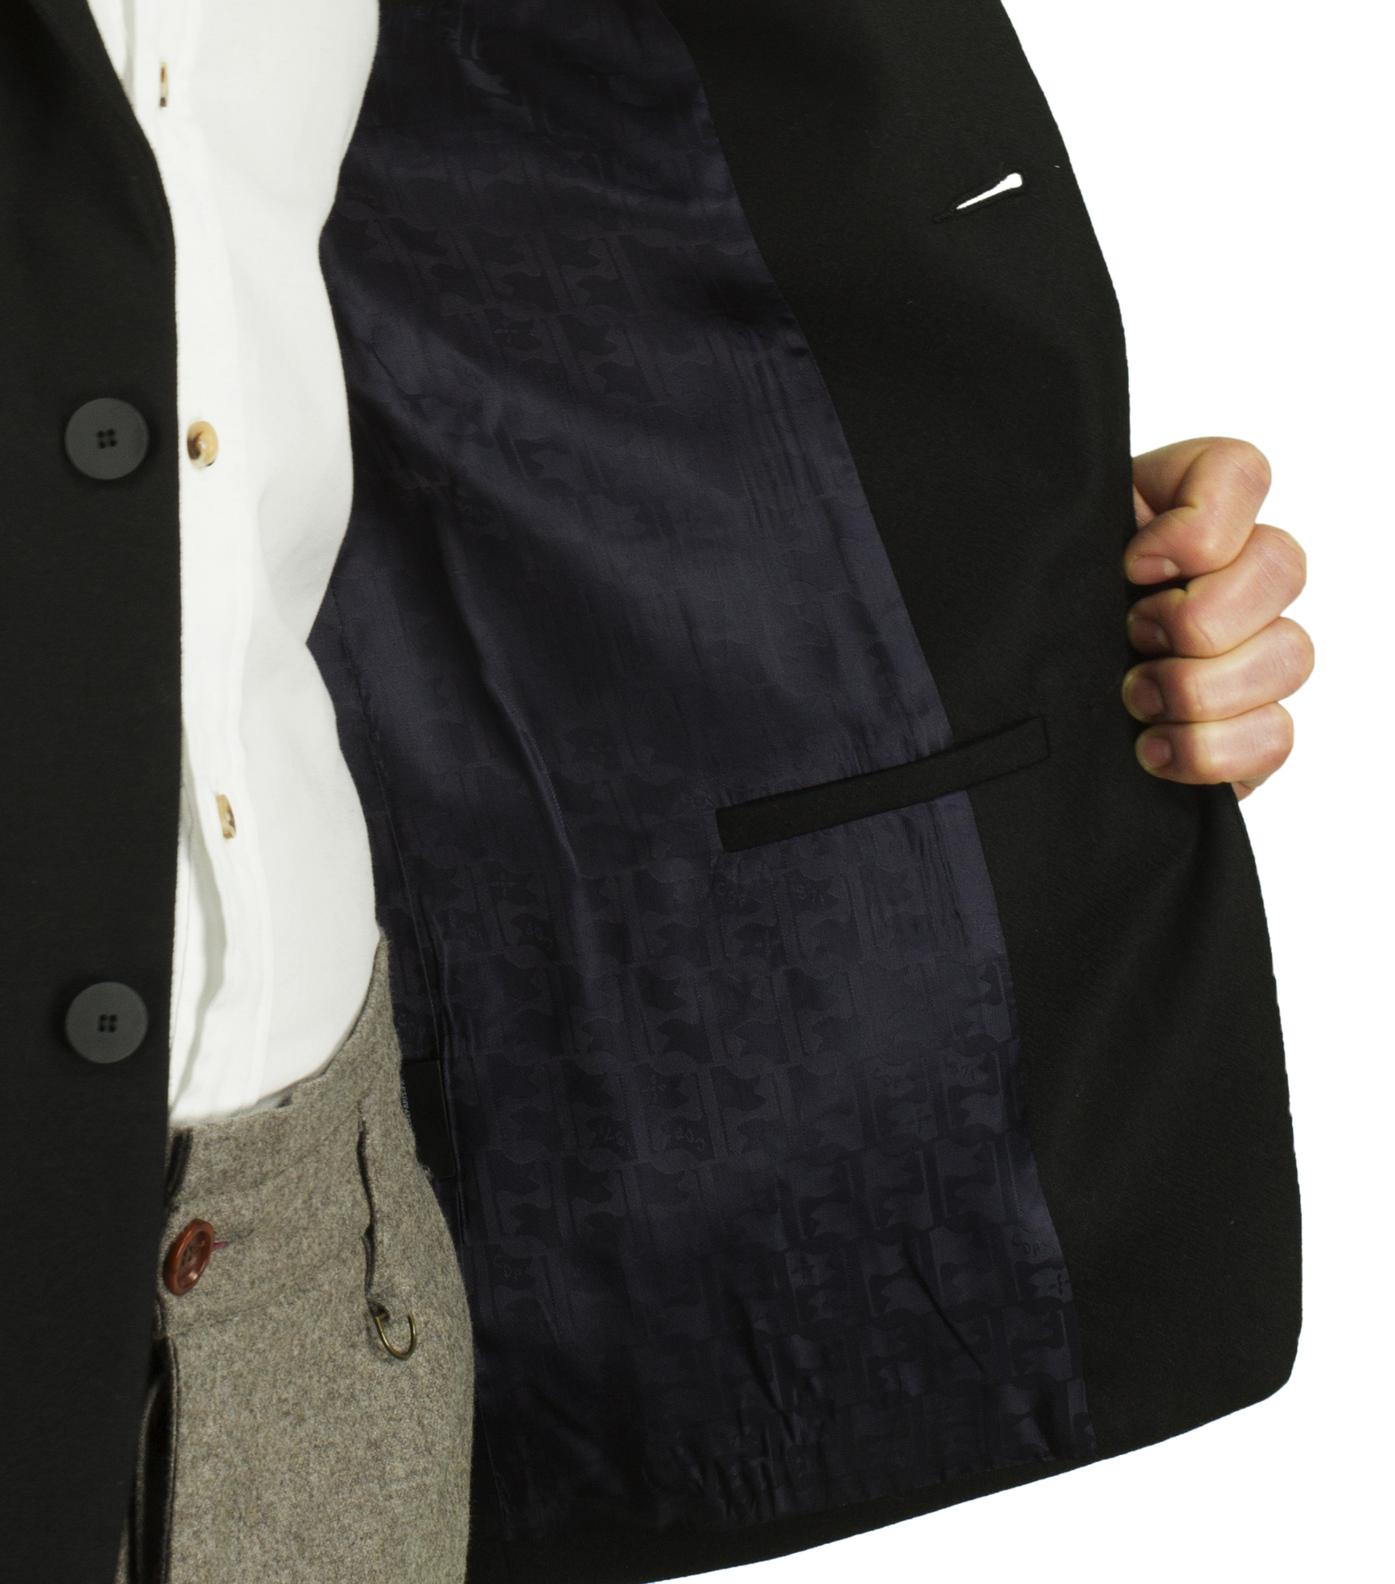 Suit jacket Protot - Black